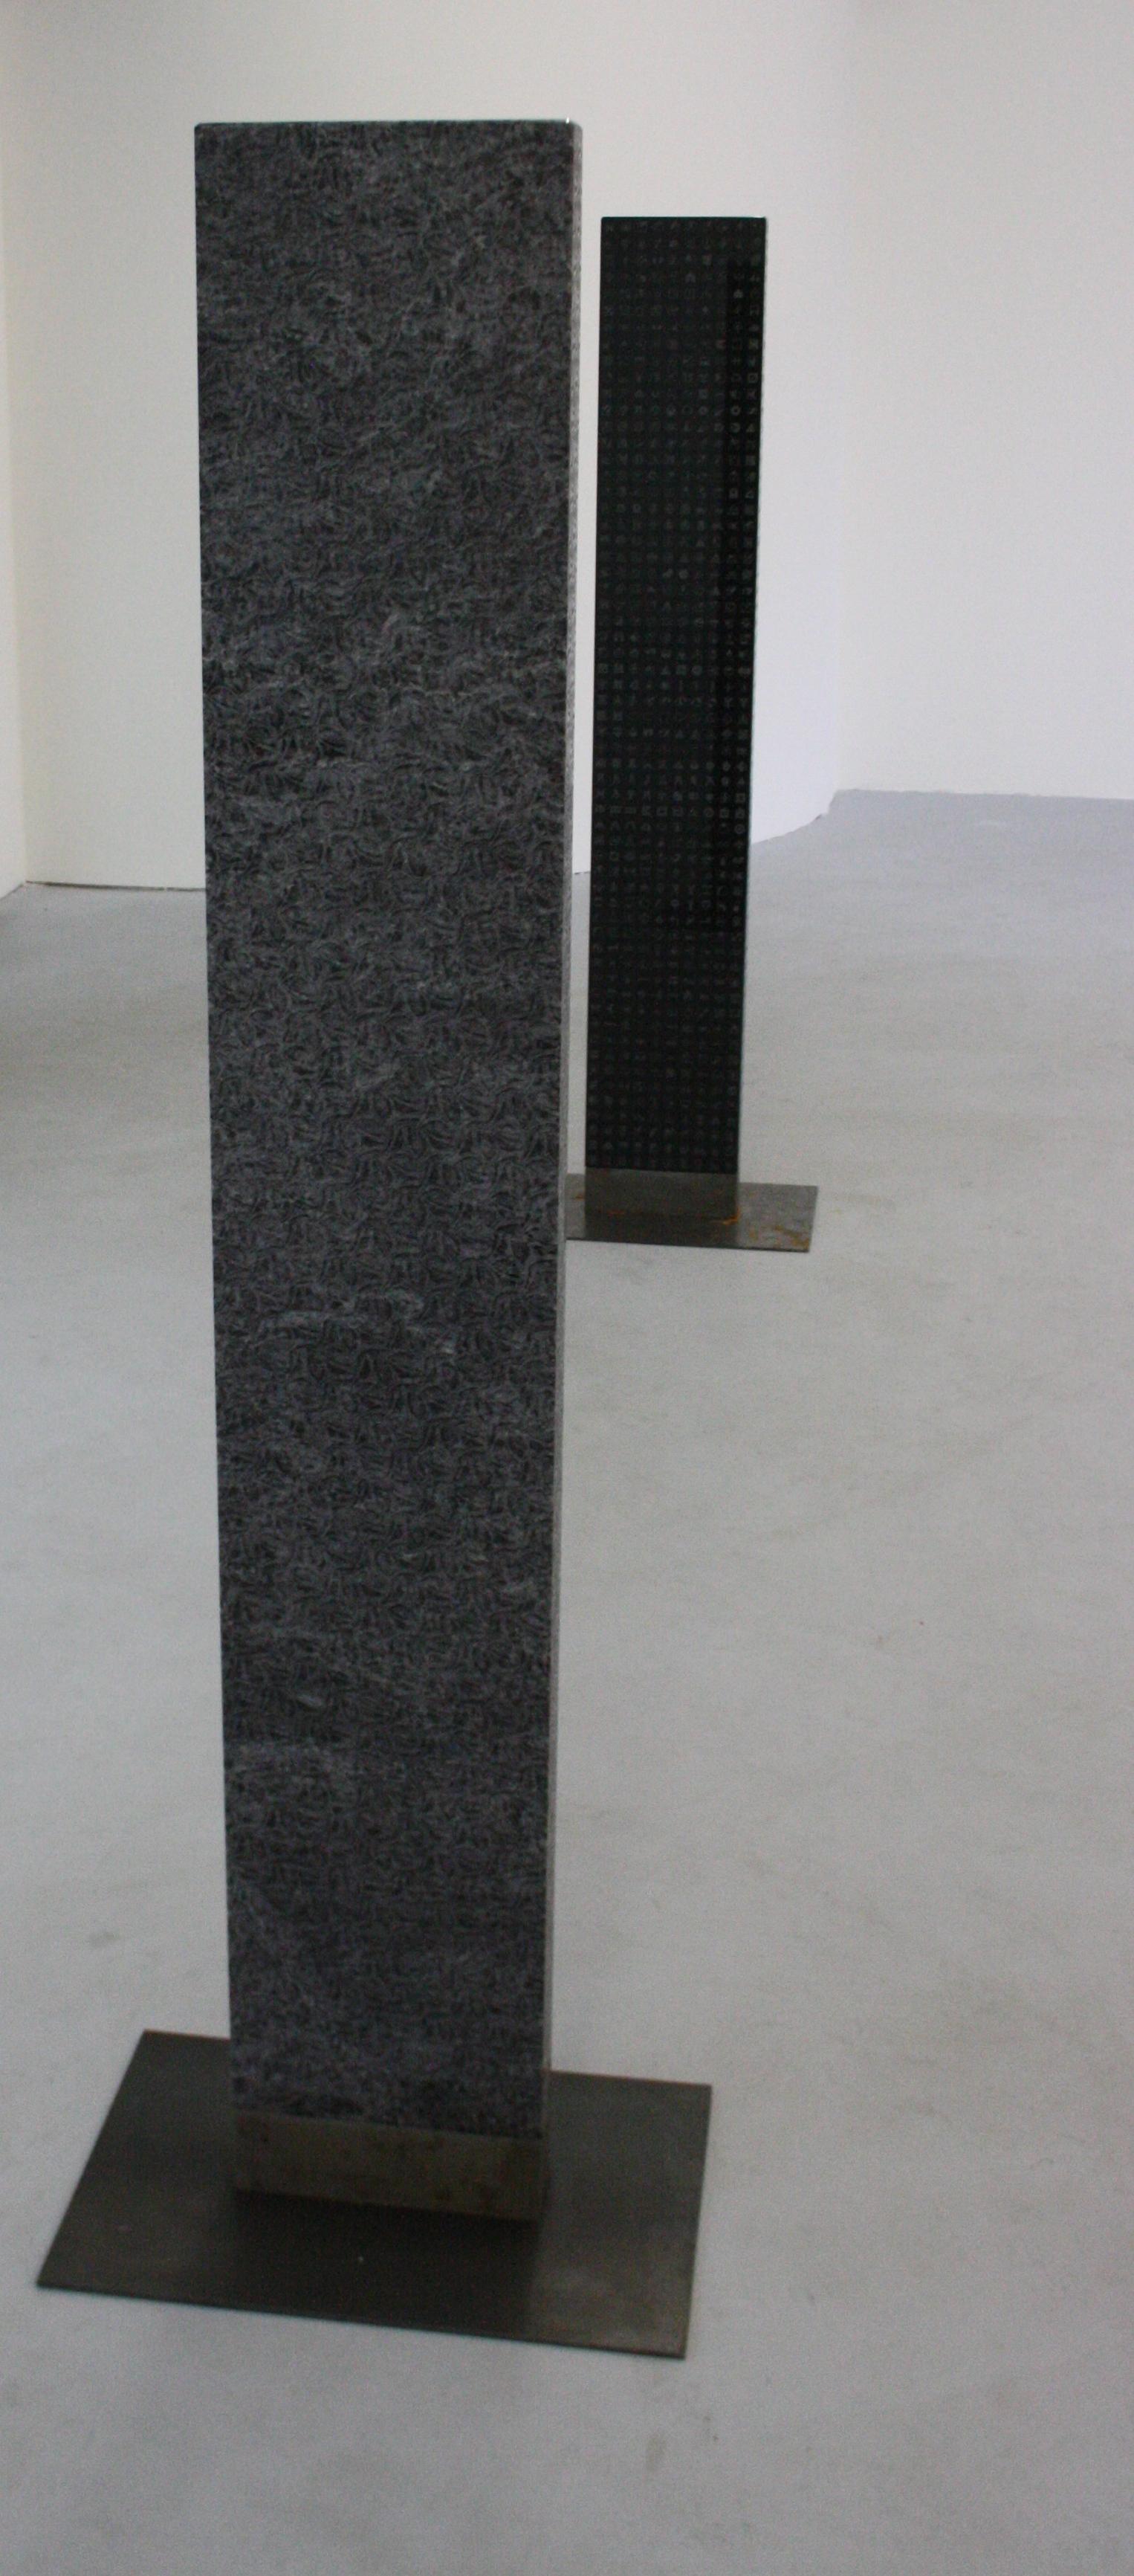 Zdeněk Lhotský, Stéla 2, 2008-2010, sklo, 27 x 157 x 7 cm